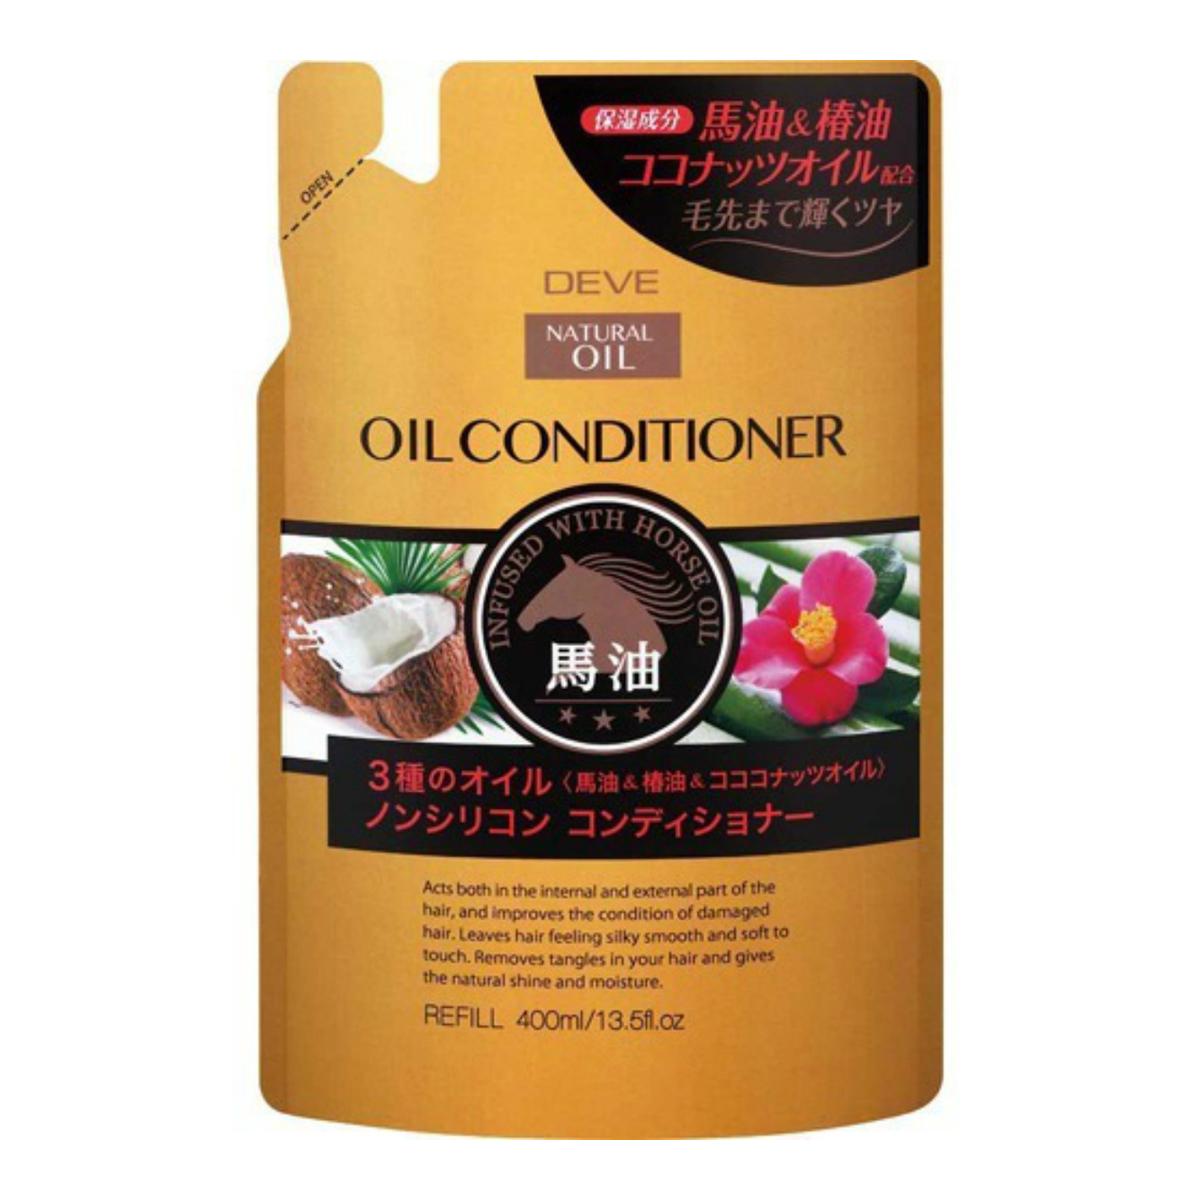 保湿成分の3種のオイルをぜい沢に配合 ( 美容・ヘアケア )  【令和・早い者勝ちセール】熊野油脂 ディブ 3種のオイル コンディショナー400ML ( 4513574024328 )